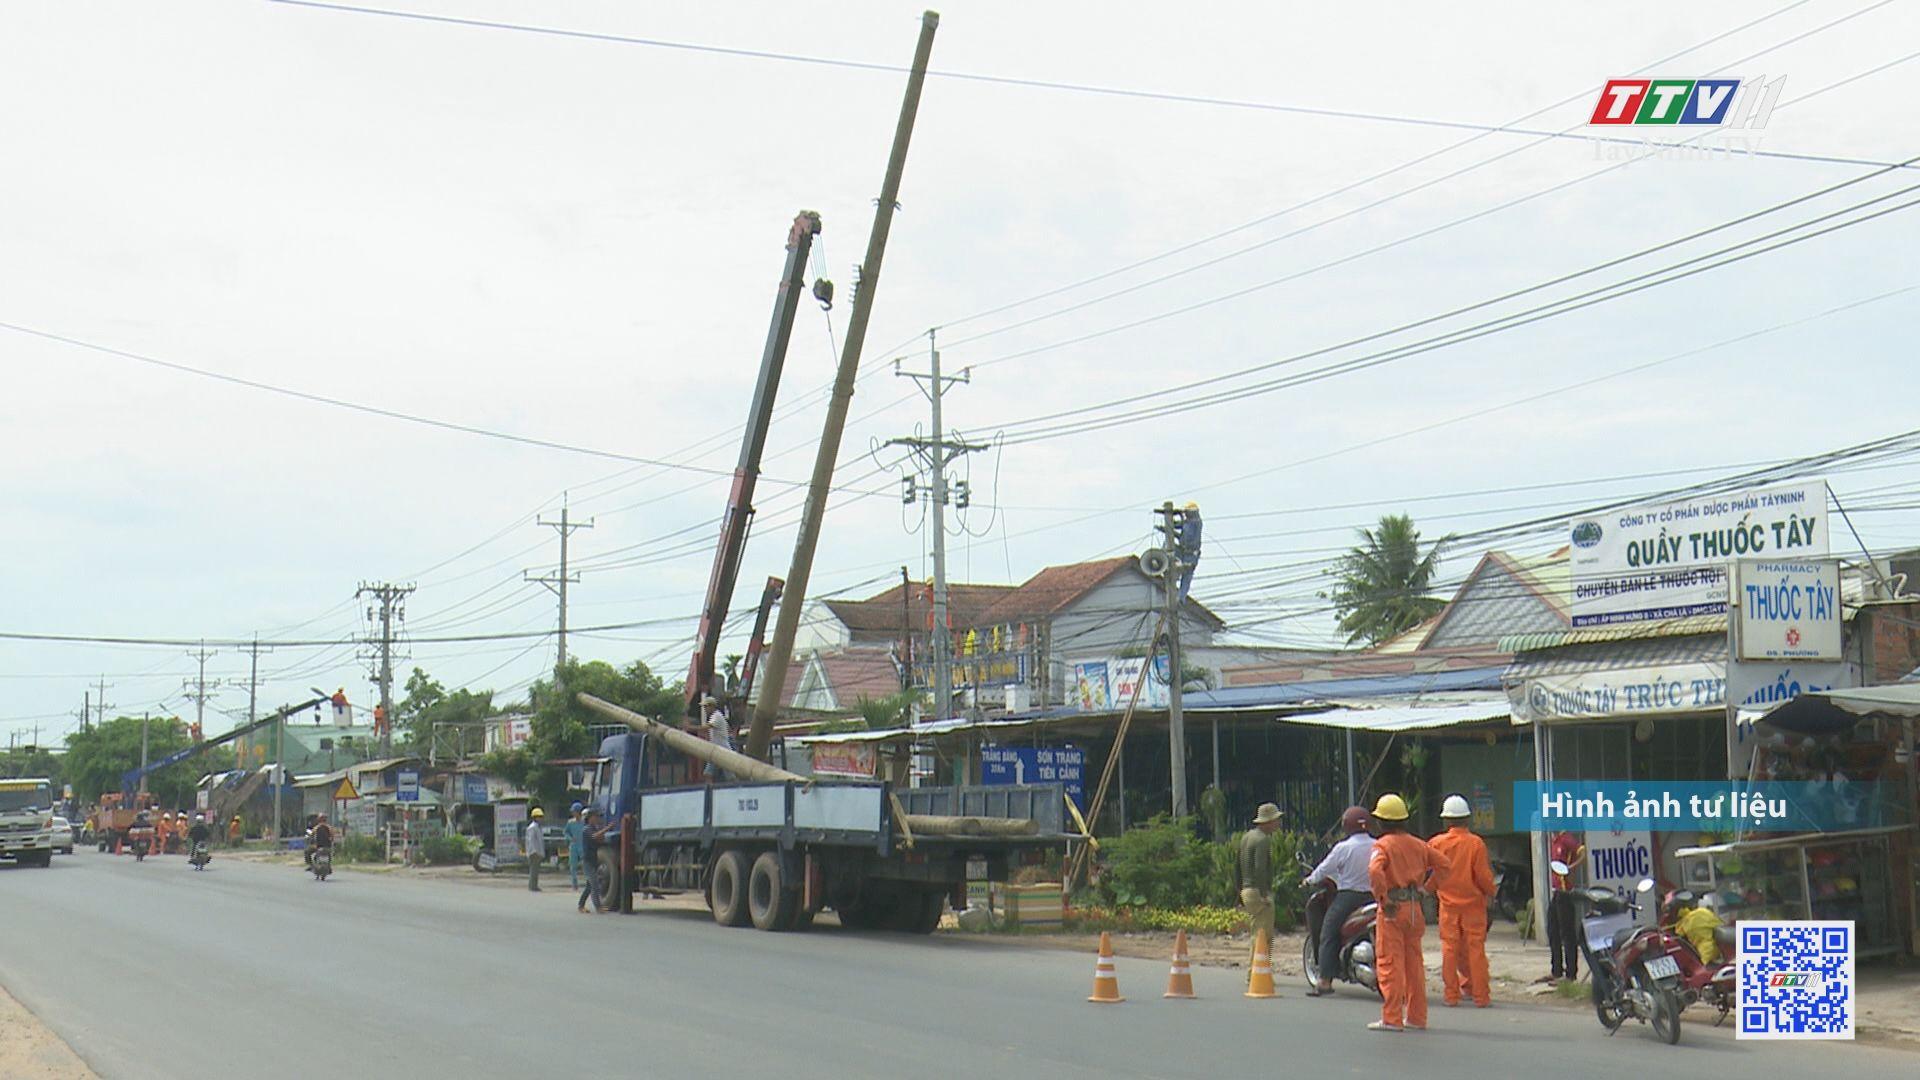 Di dời đường điện trên tuyến đường ĐT782-784, ngã ba Đất Sét-Bến Củi-Công trình trọng điểm của tỉnh | ĐIỆN VÀ CUỘC SỐNG | TayNinhTV